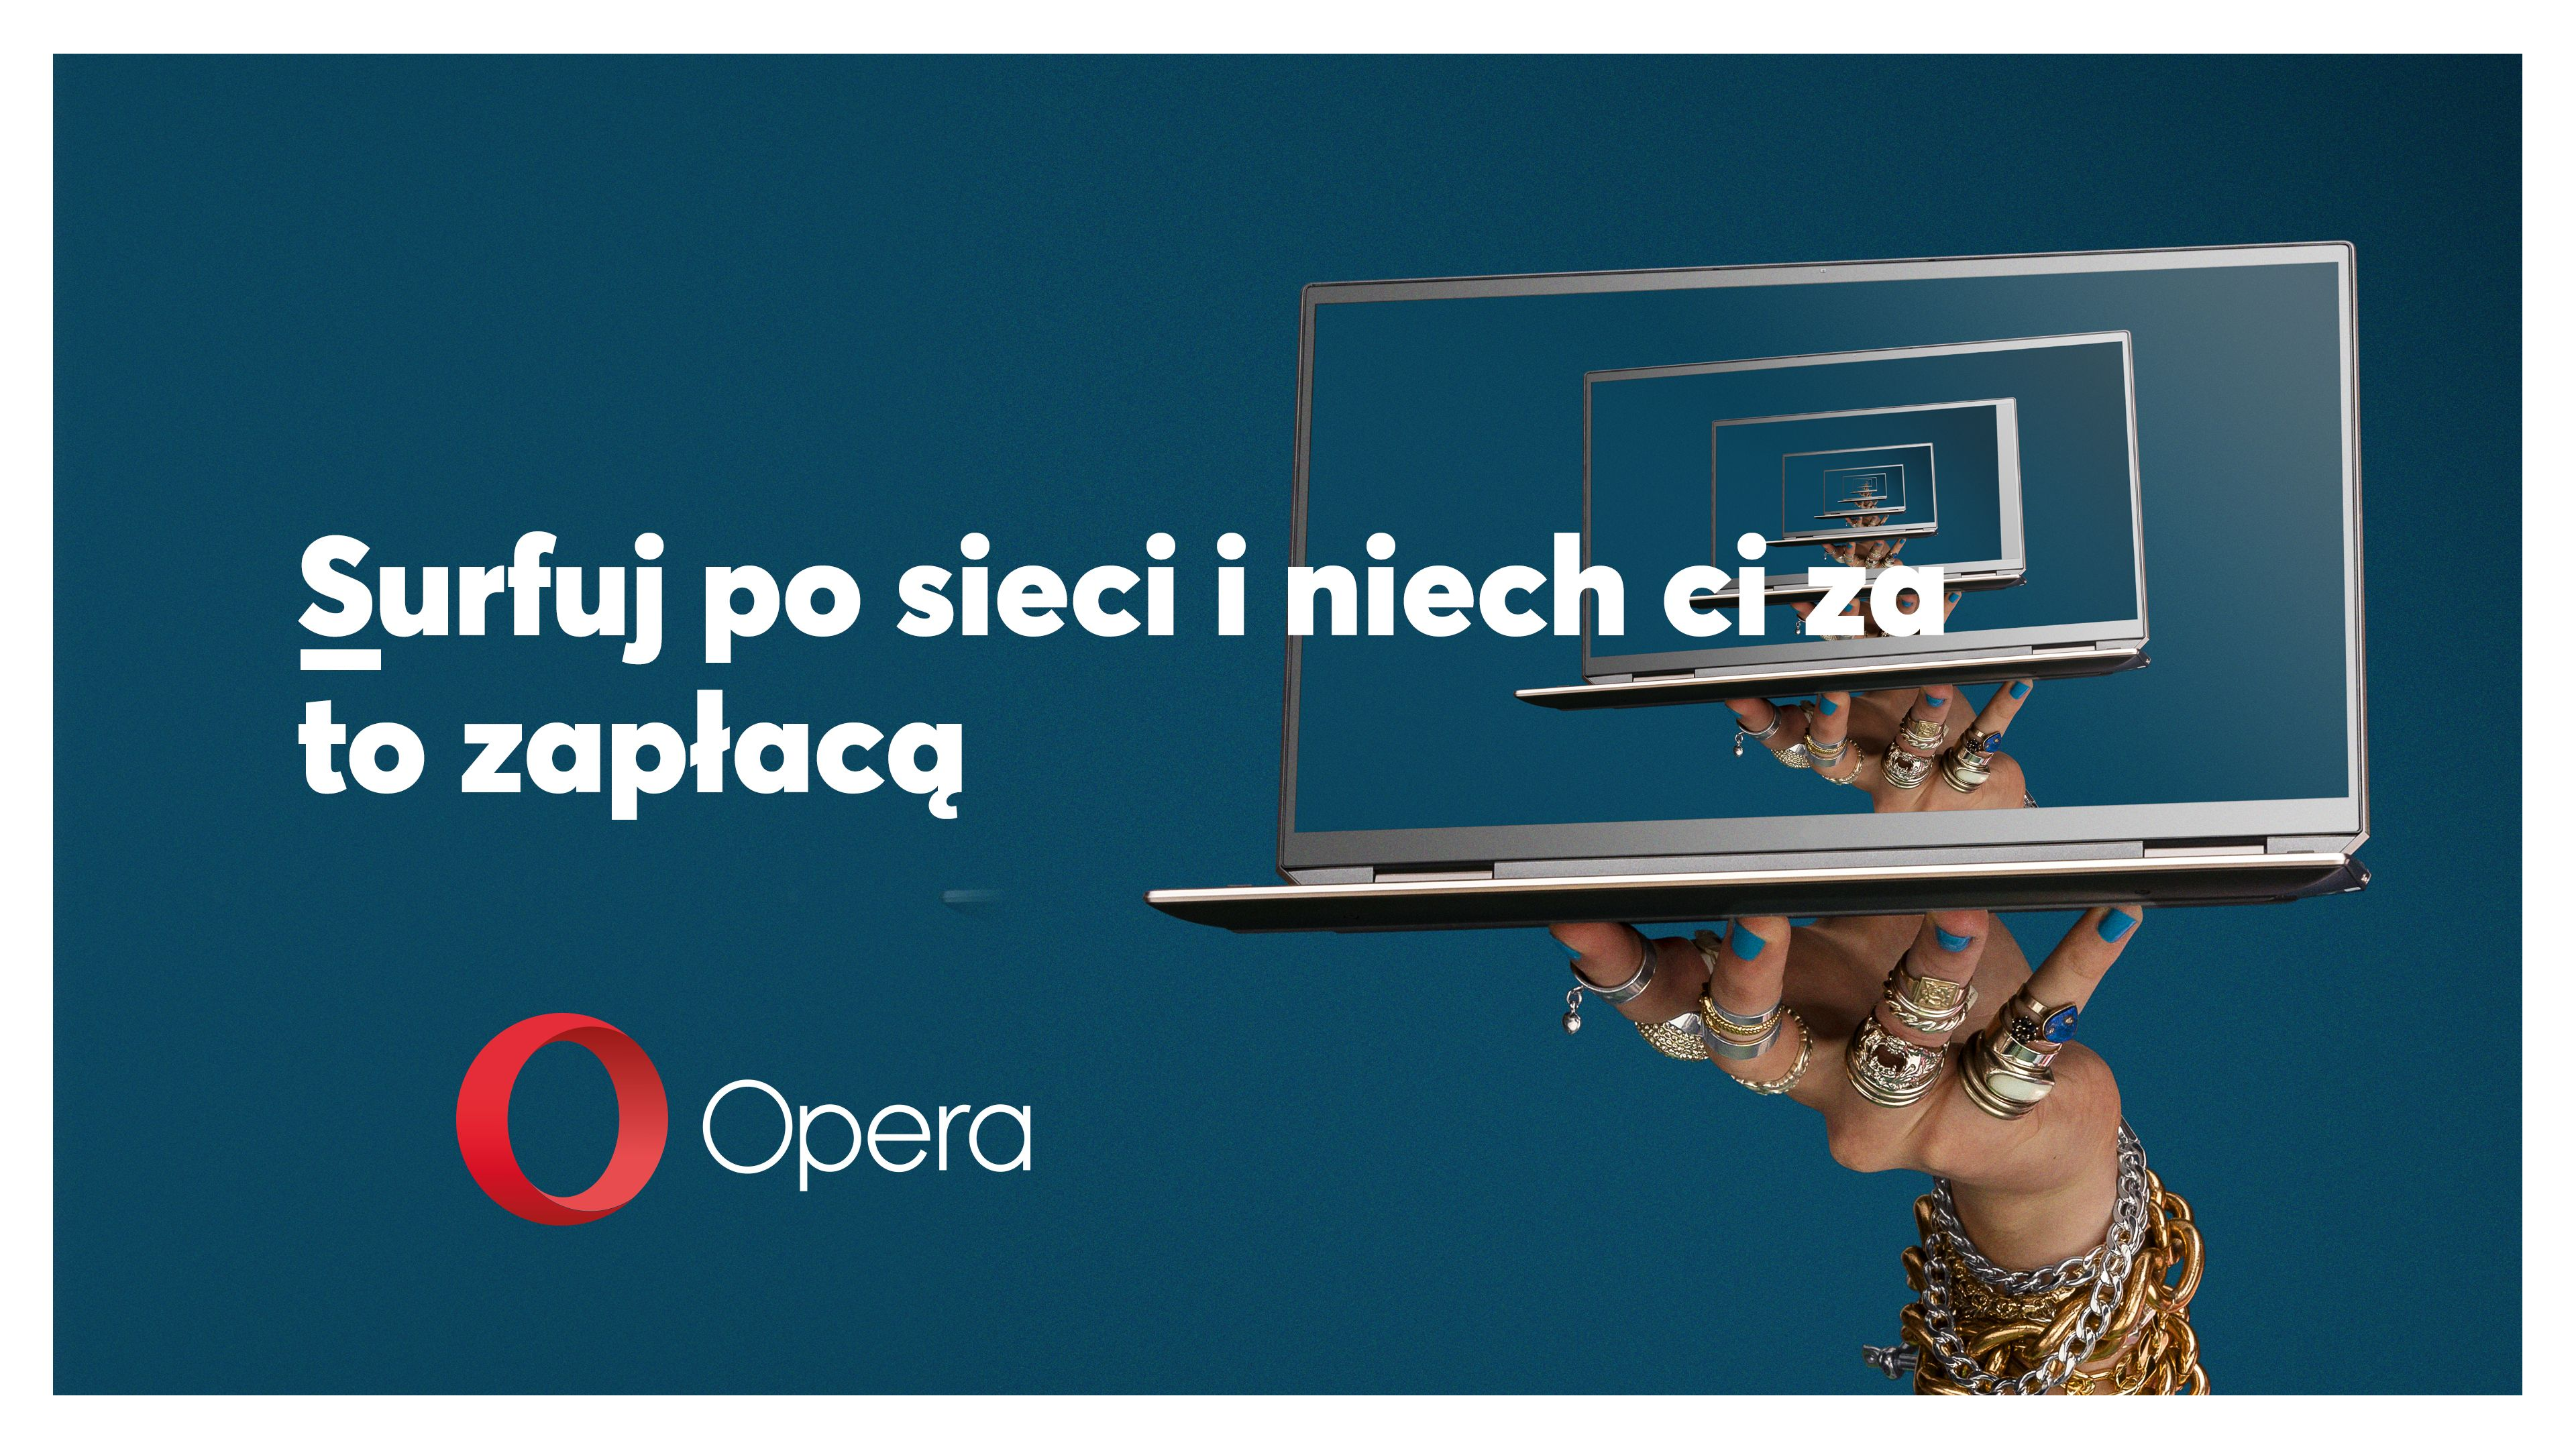 """Opera szuka pracownika na stanowisko """"surfera internetu"""" i oferuje solidną wypłatę"""